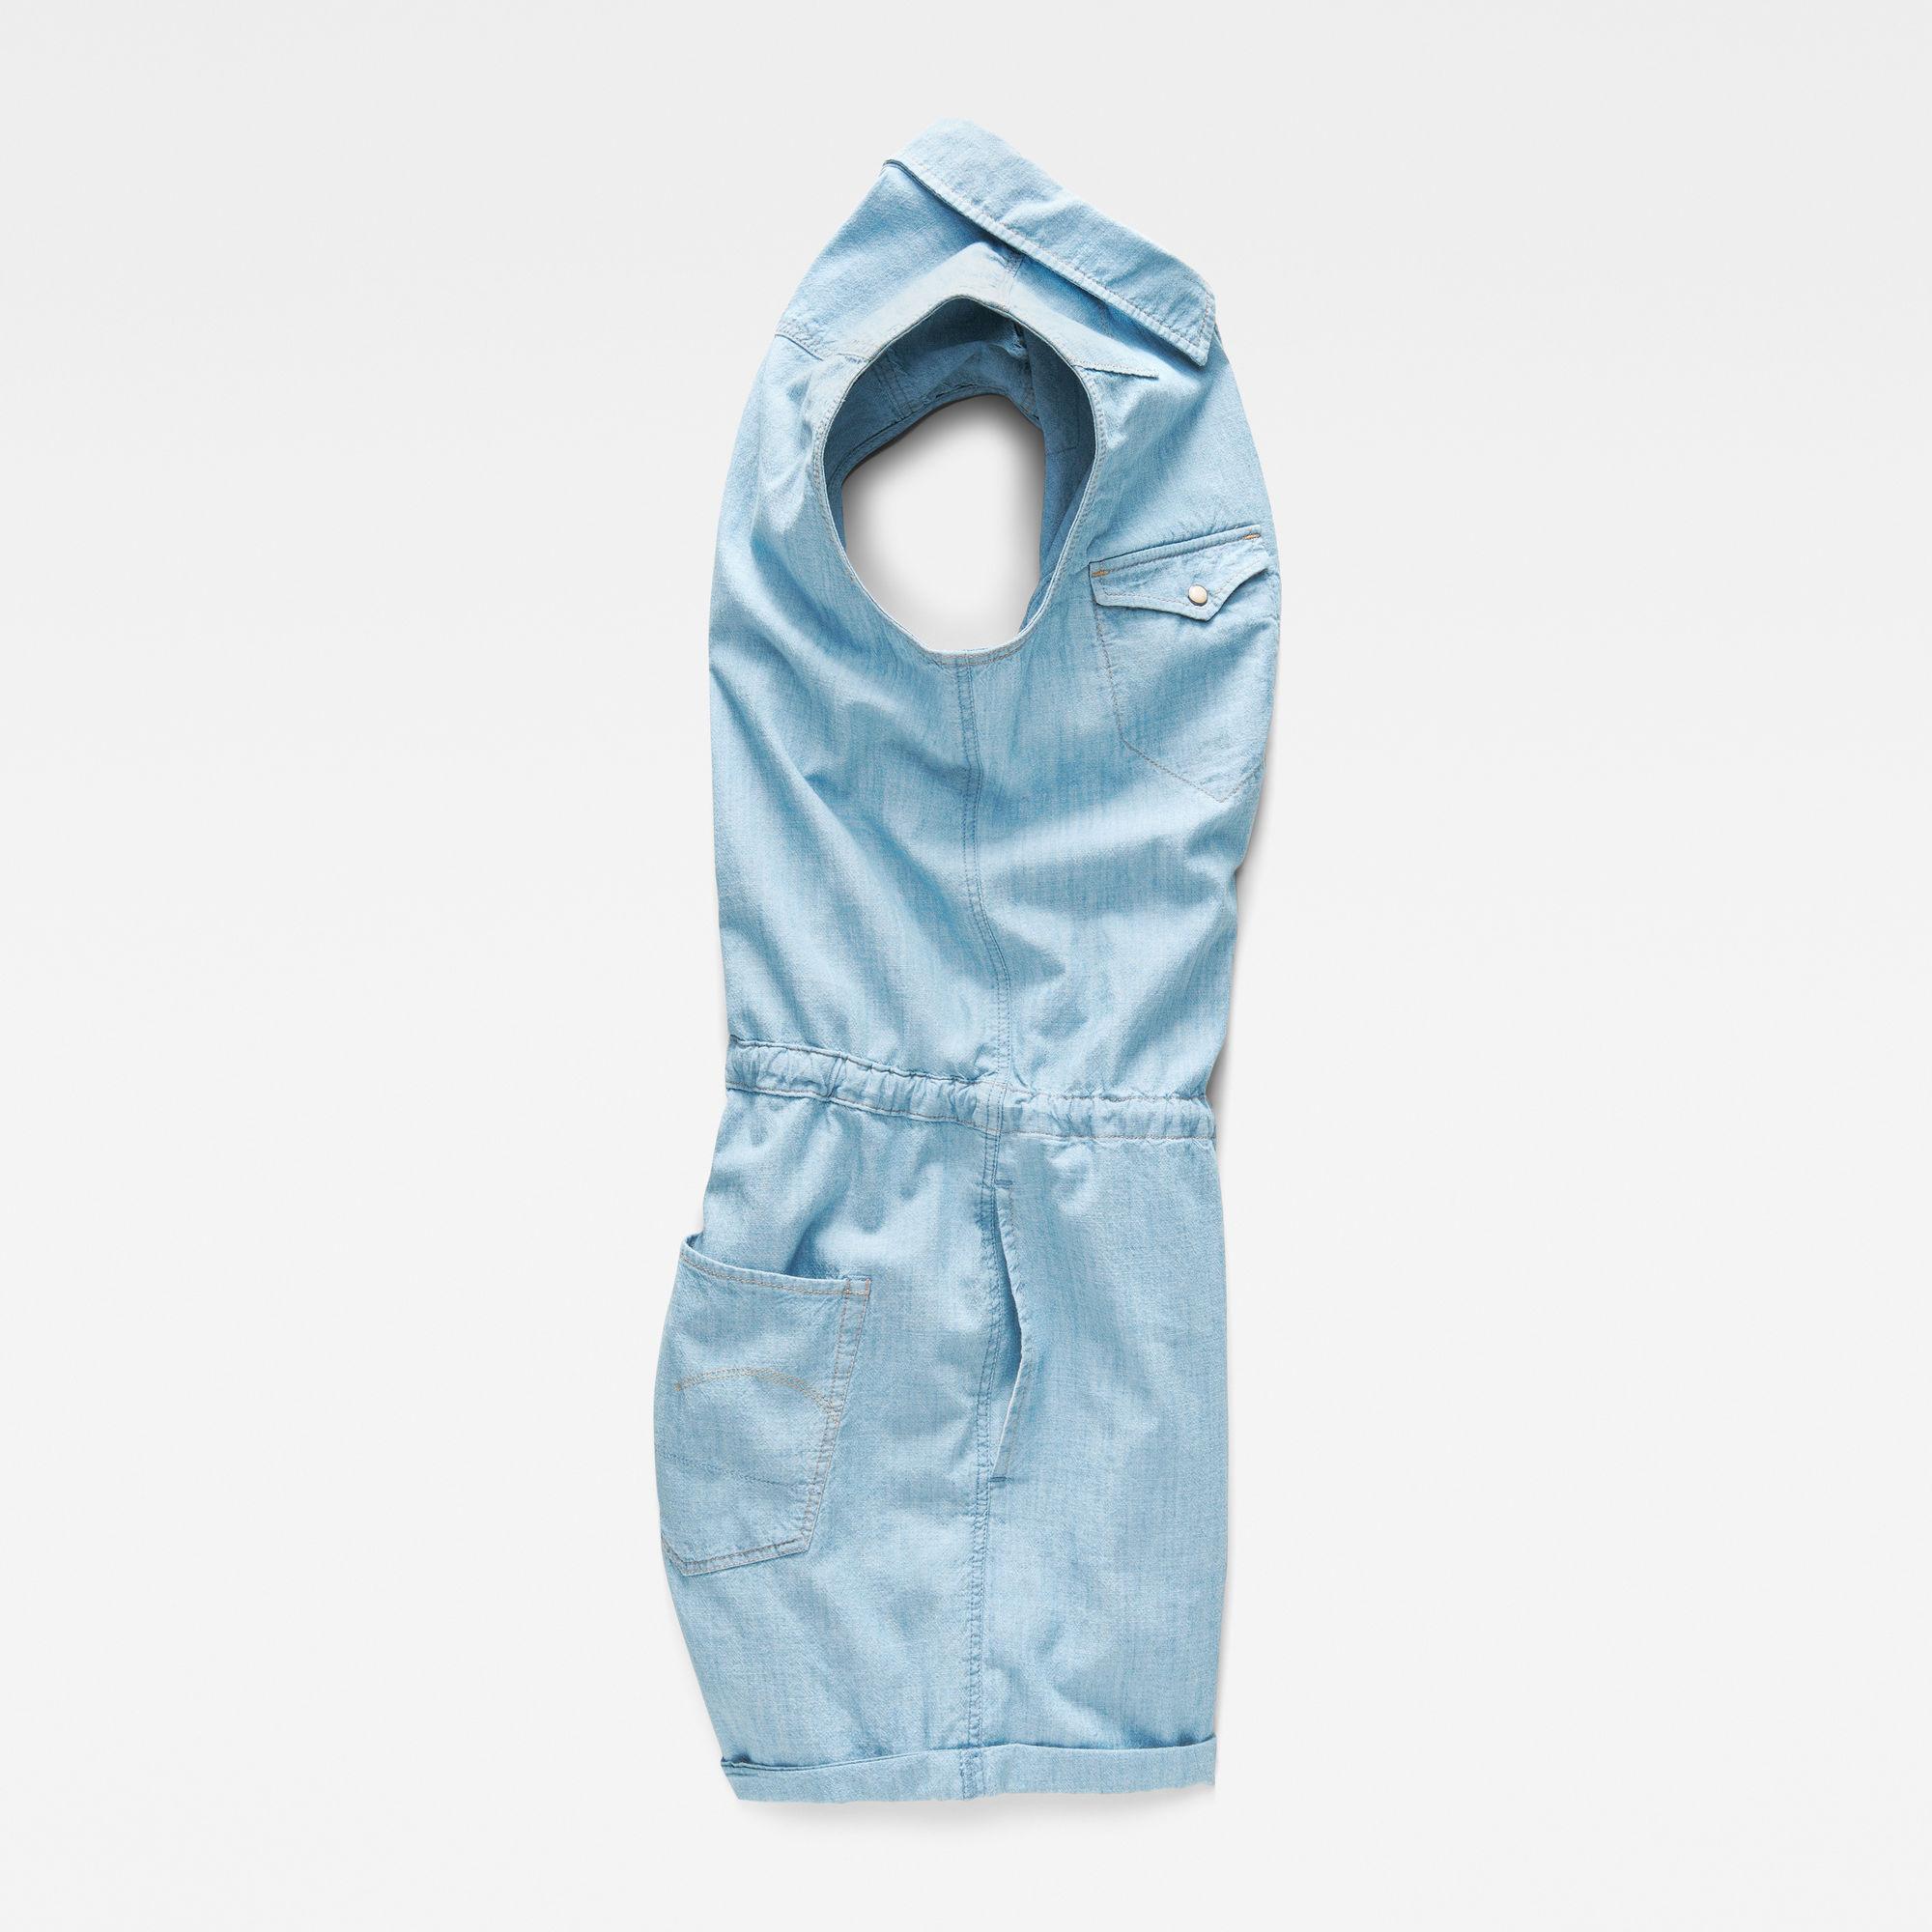 Tacoma Shorts Boilersuit